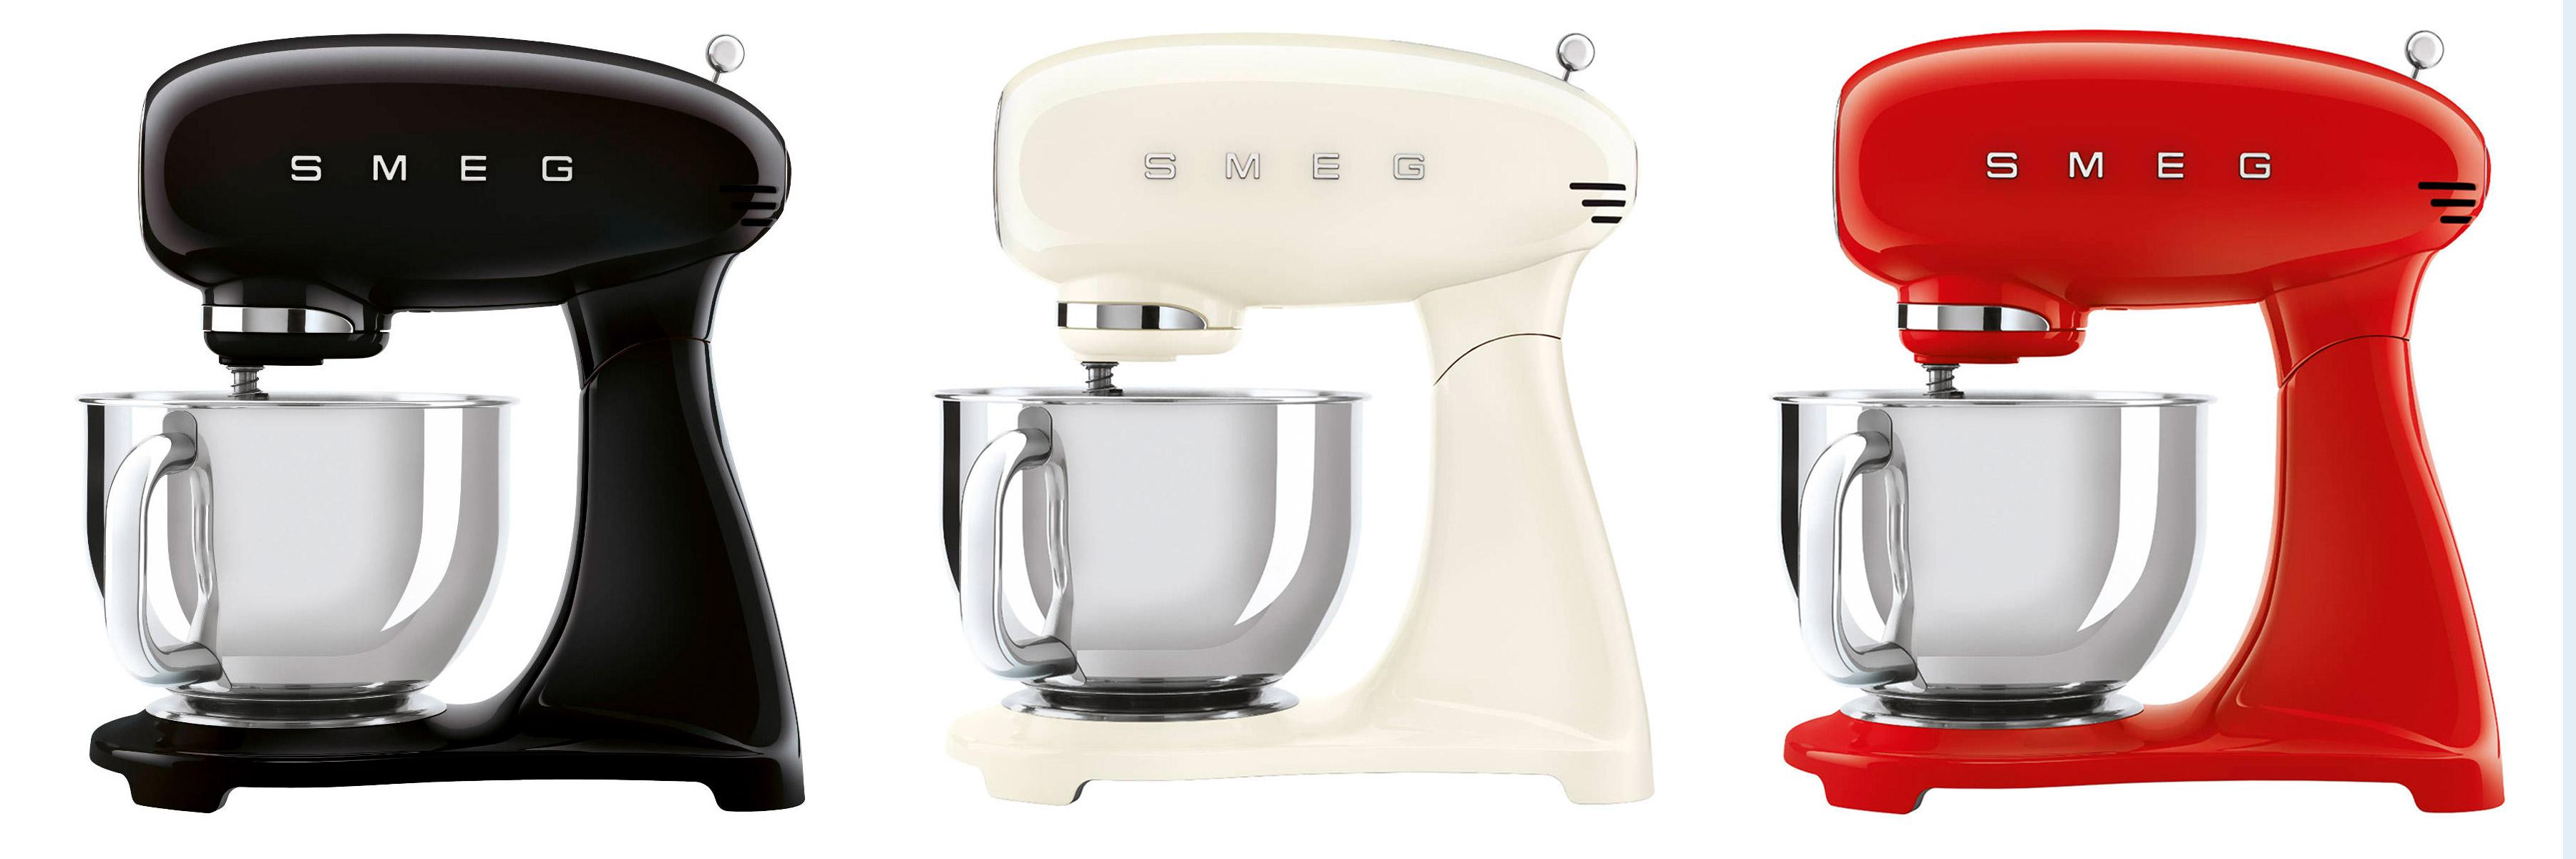 Smeg Smf03 Und Smf13 Retro Style Kuchenmaschinen Voller Farbvarianten